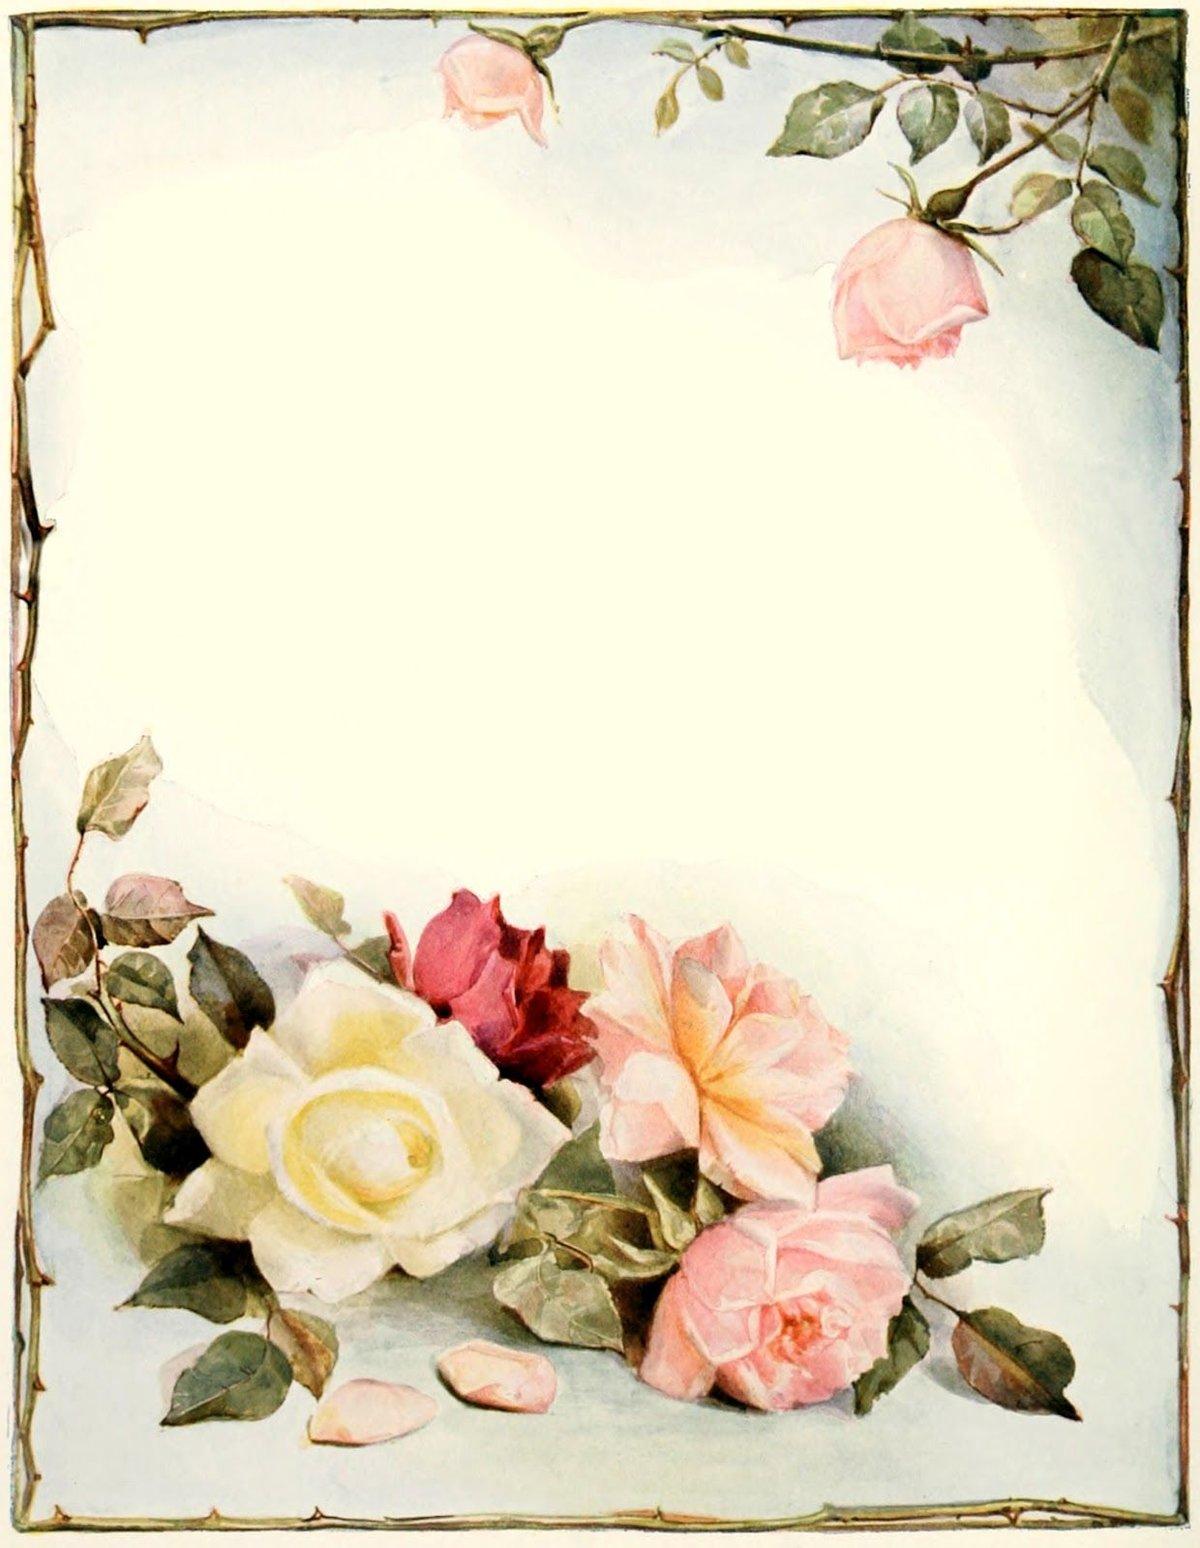 Поздравления картинках, пустые бланки открыток